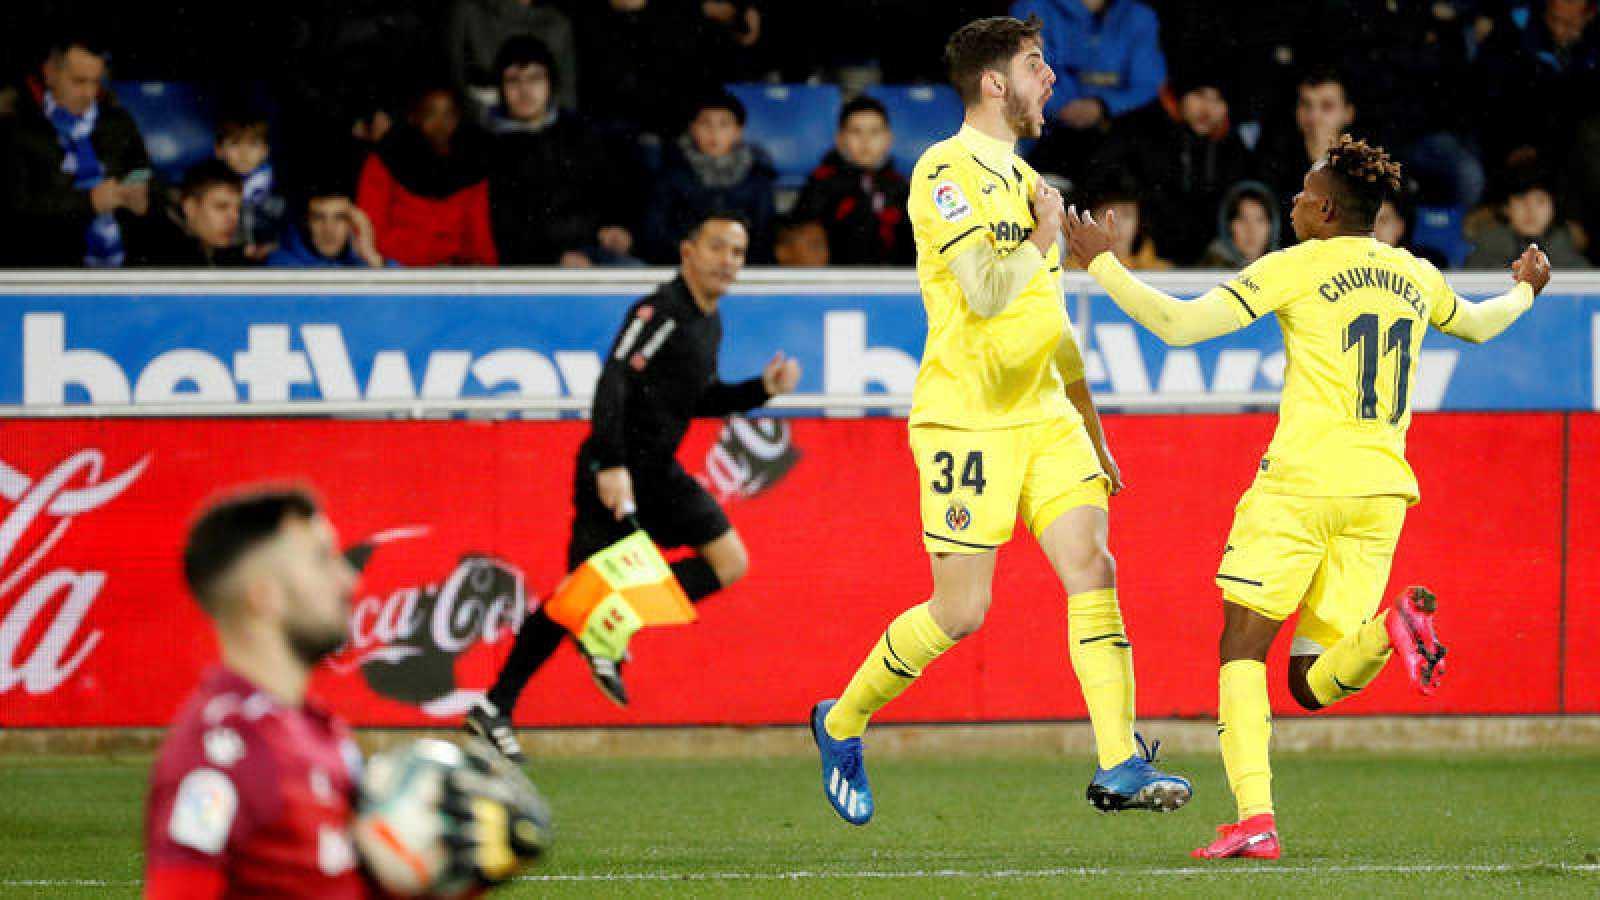 El delantero Fernando NIño (i) celebra el gol de la victoria en el partido ante el Deportivo Alavés.